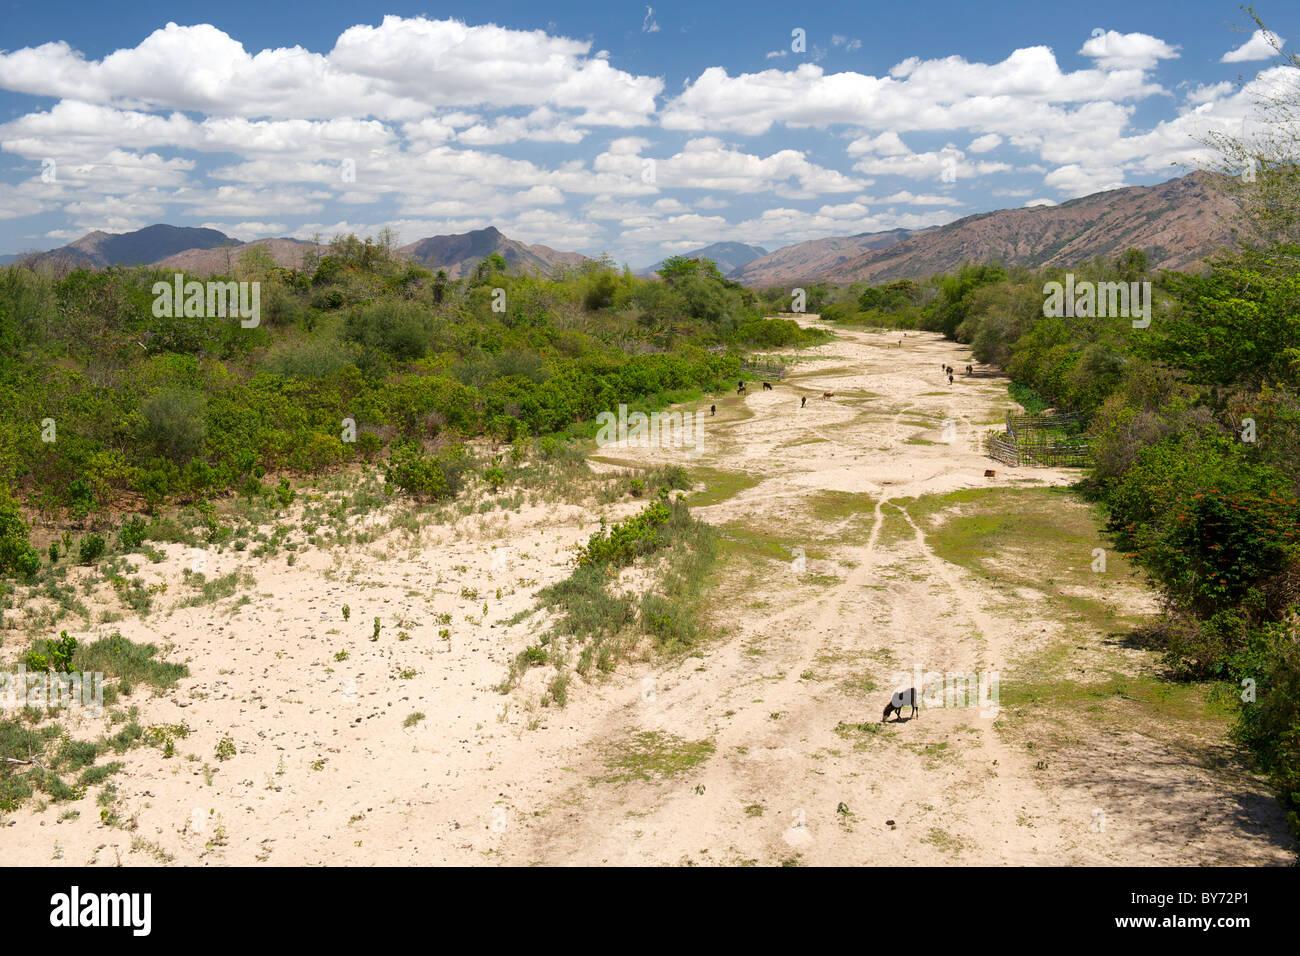 Ausgetrocknetes Flussbett und Blick auf die Landschaft in der Nähe von Daraina Vohemar Ambilobe unterwegs im Stockbild